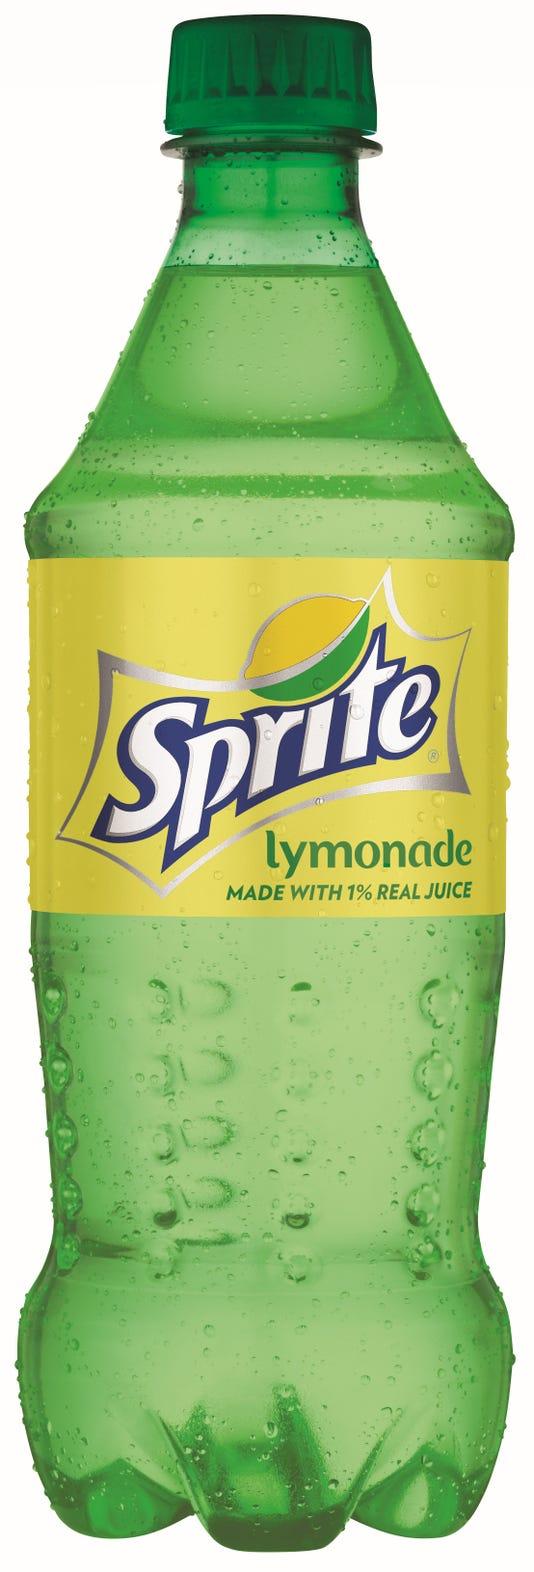 Sprite Lymonade